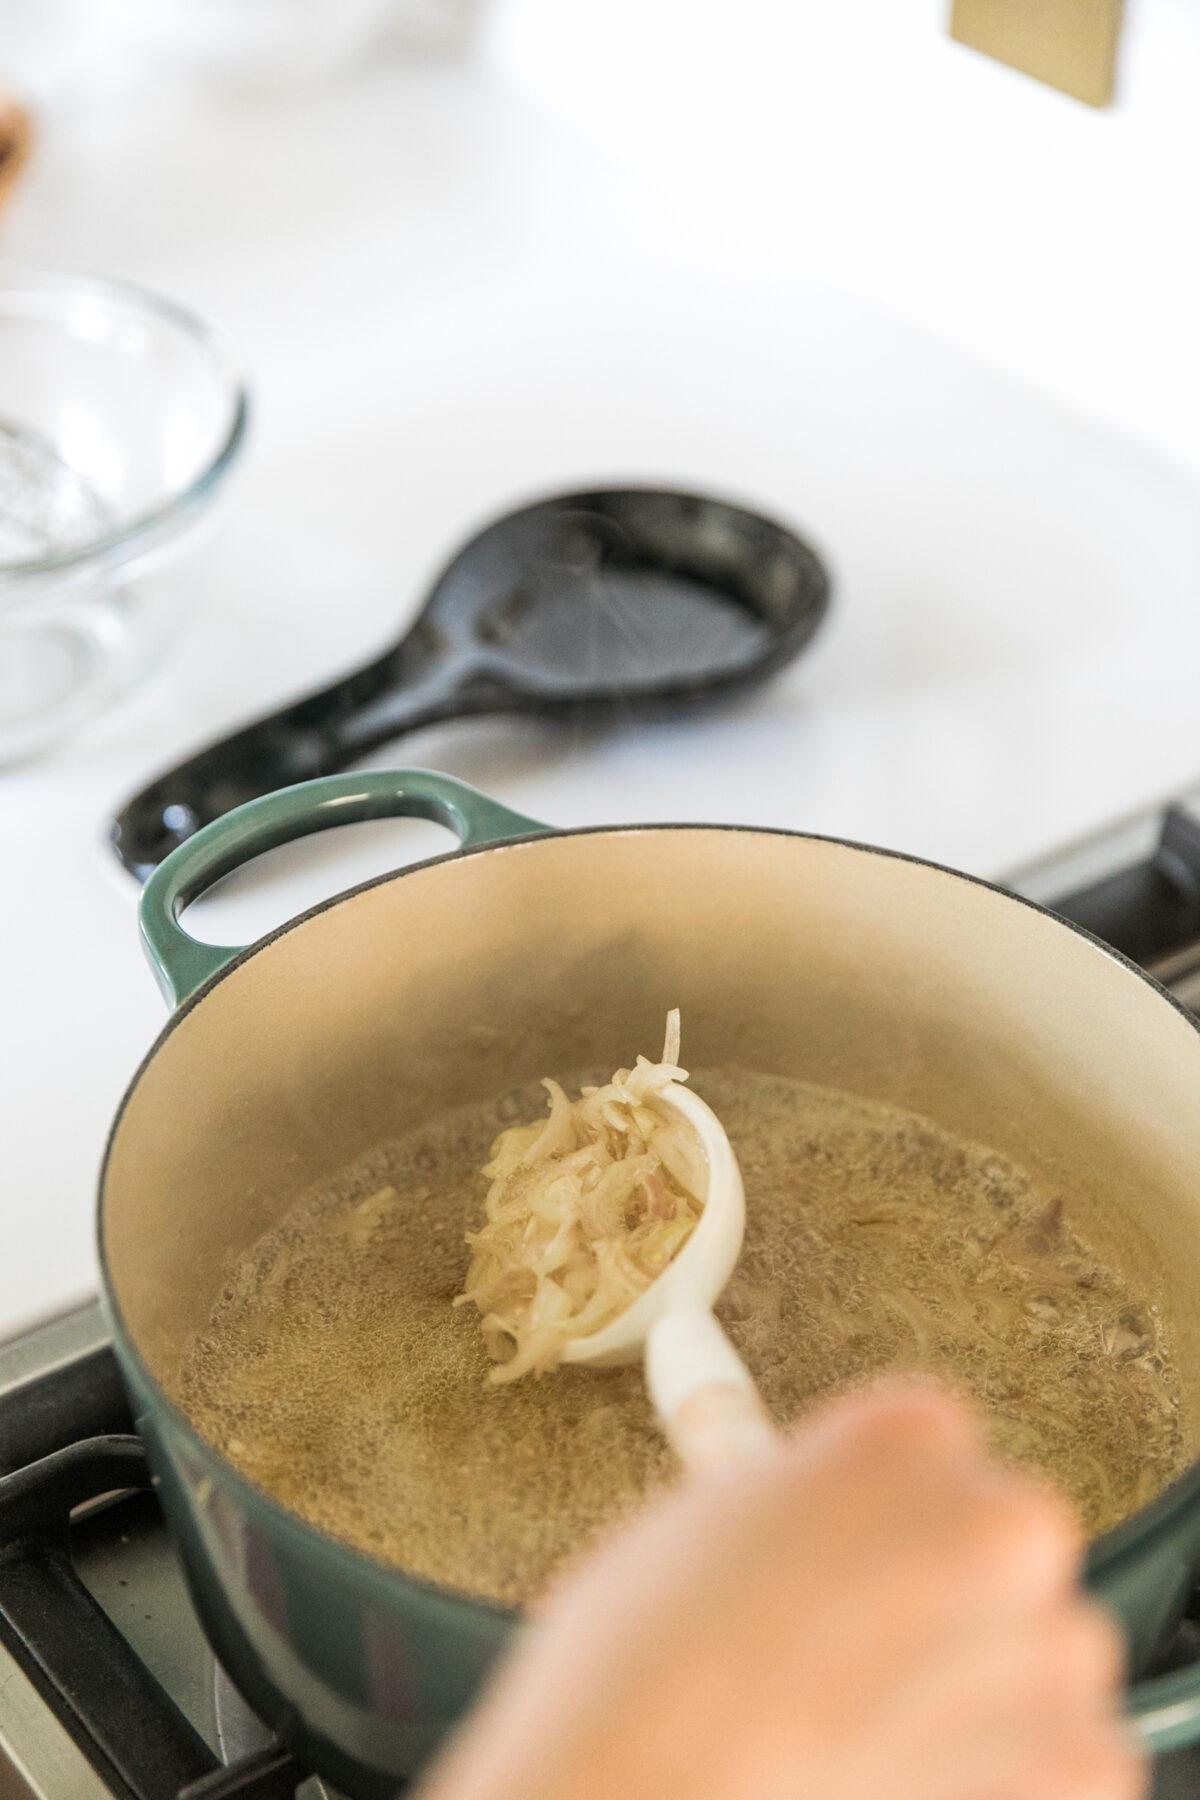 Chili Crisp Recipe | Homemade | Extra Crunchy Crispy Bits | Jessica Brigham Cooks